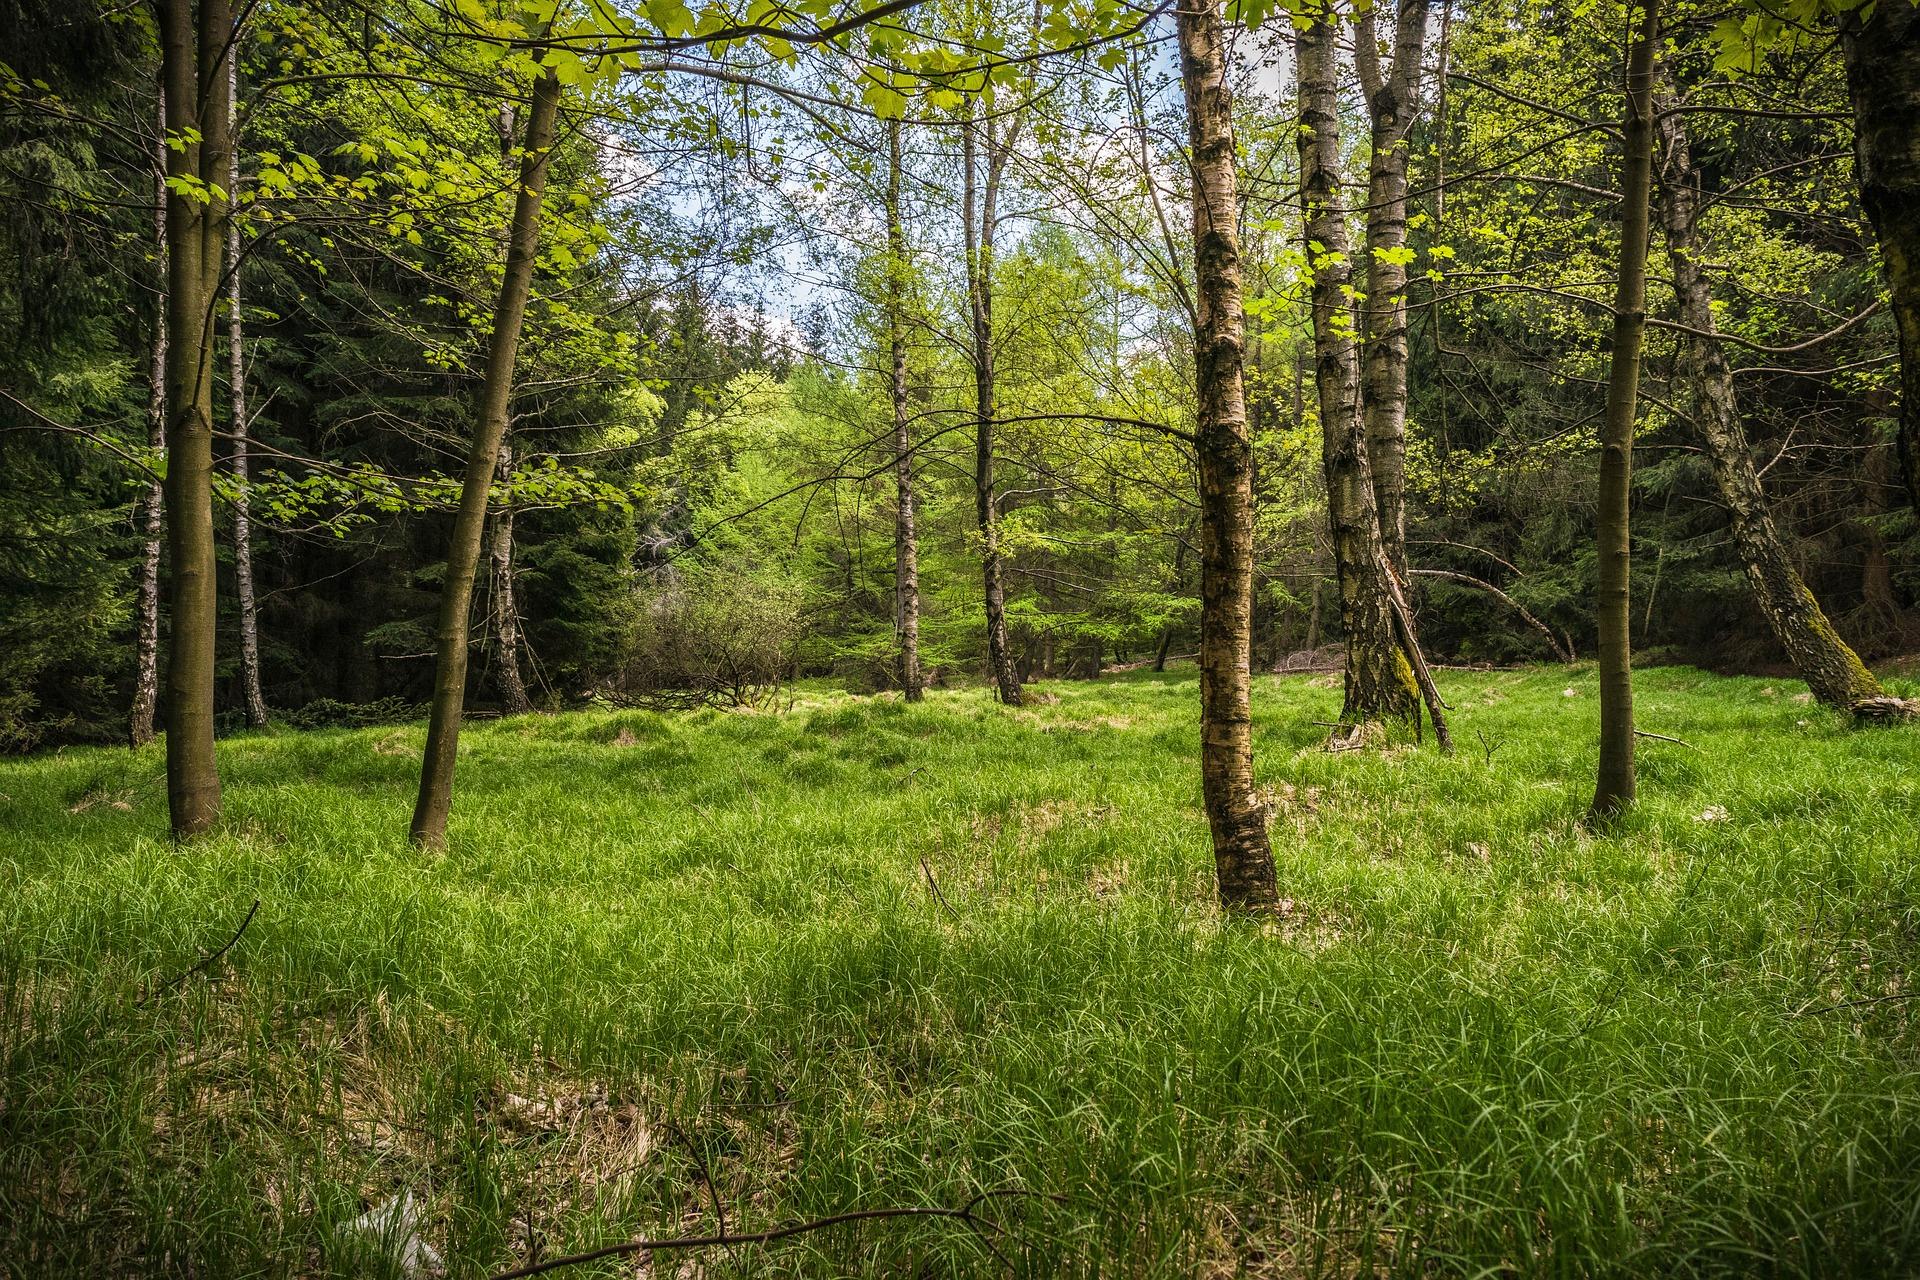 meadow-1379579_1920.jpg